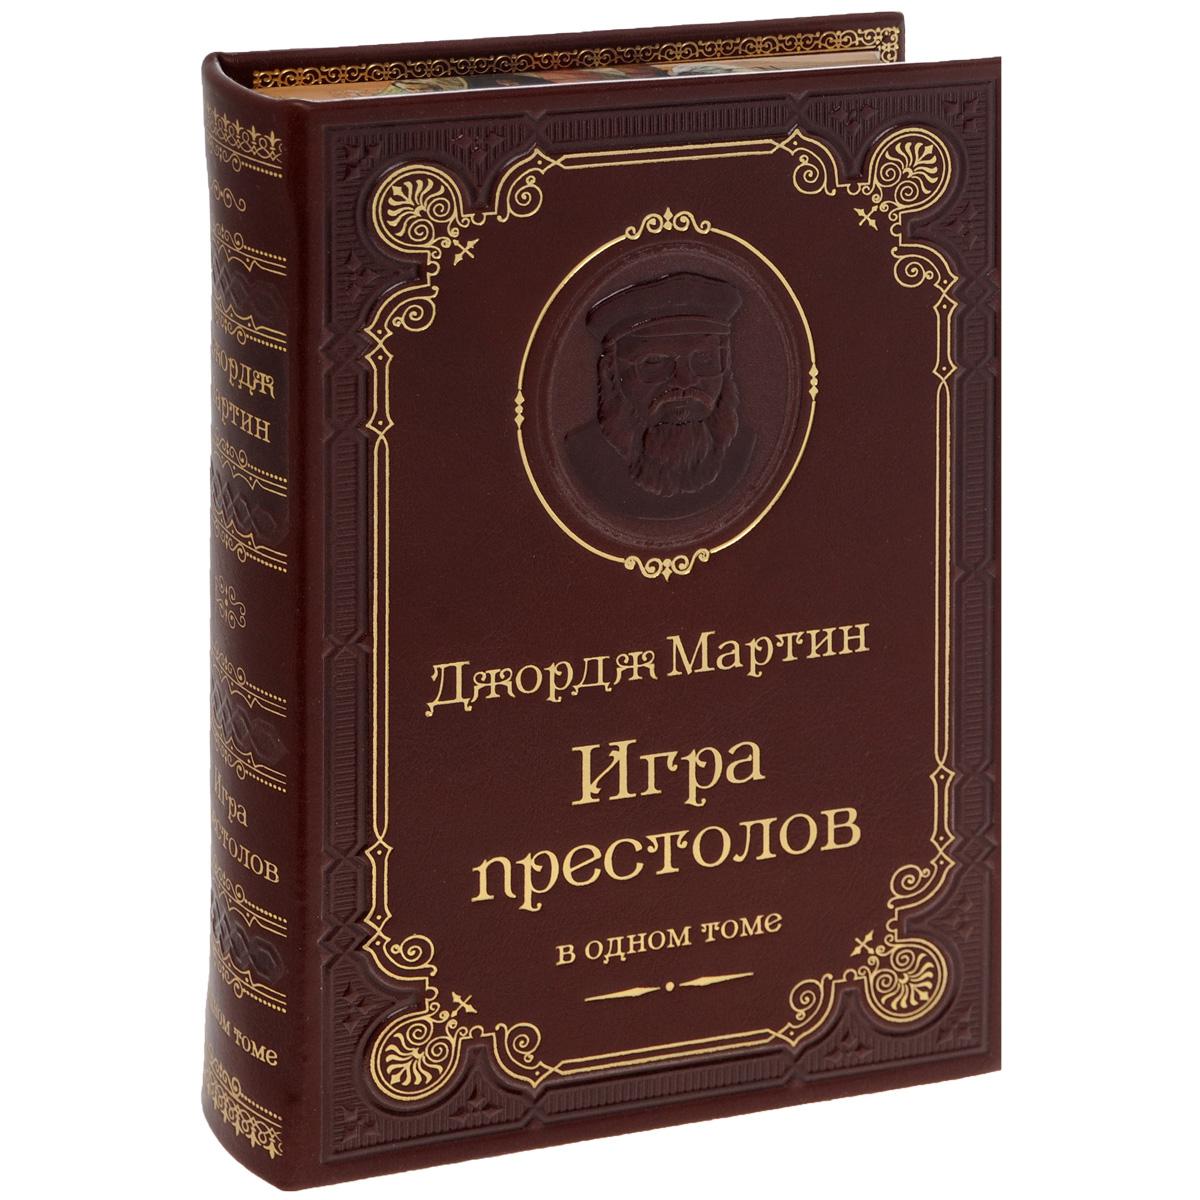 Джордж Мартин Игра престолов (подарочное издание)